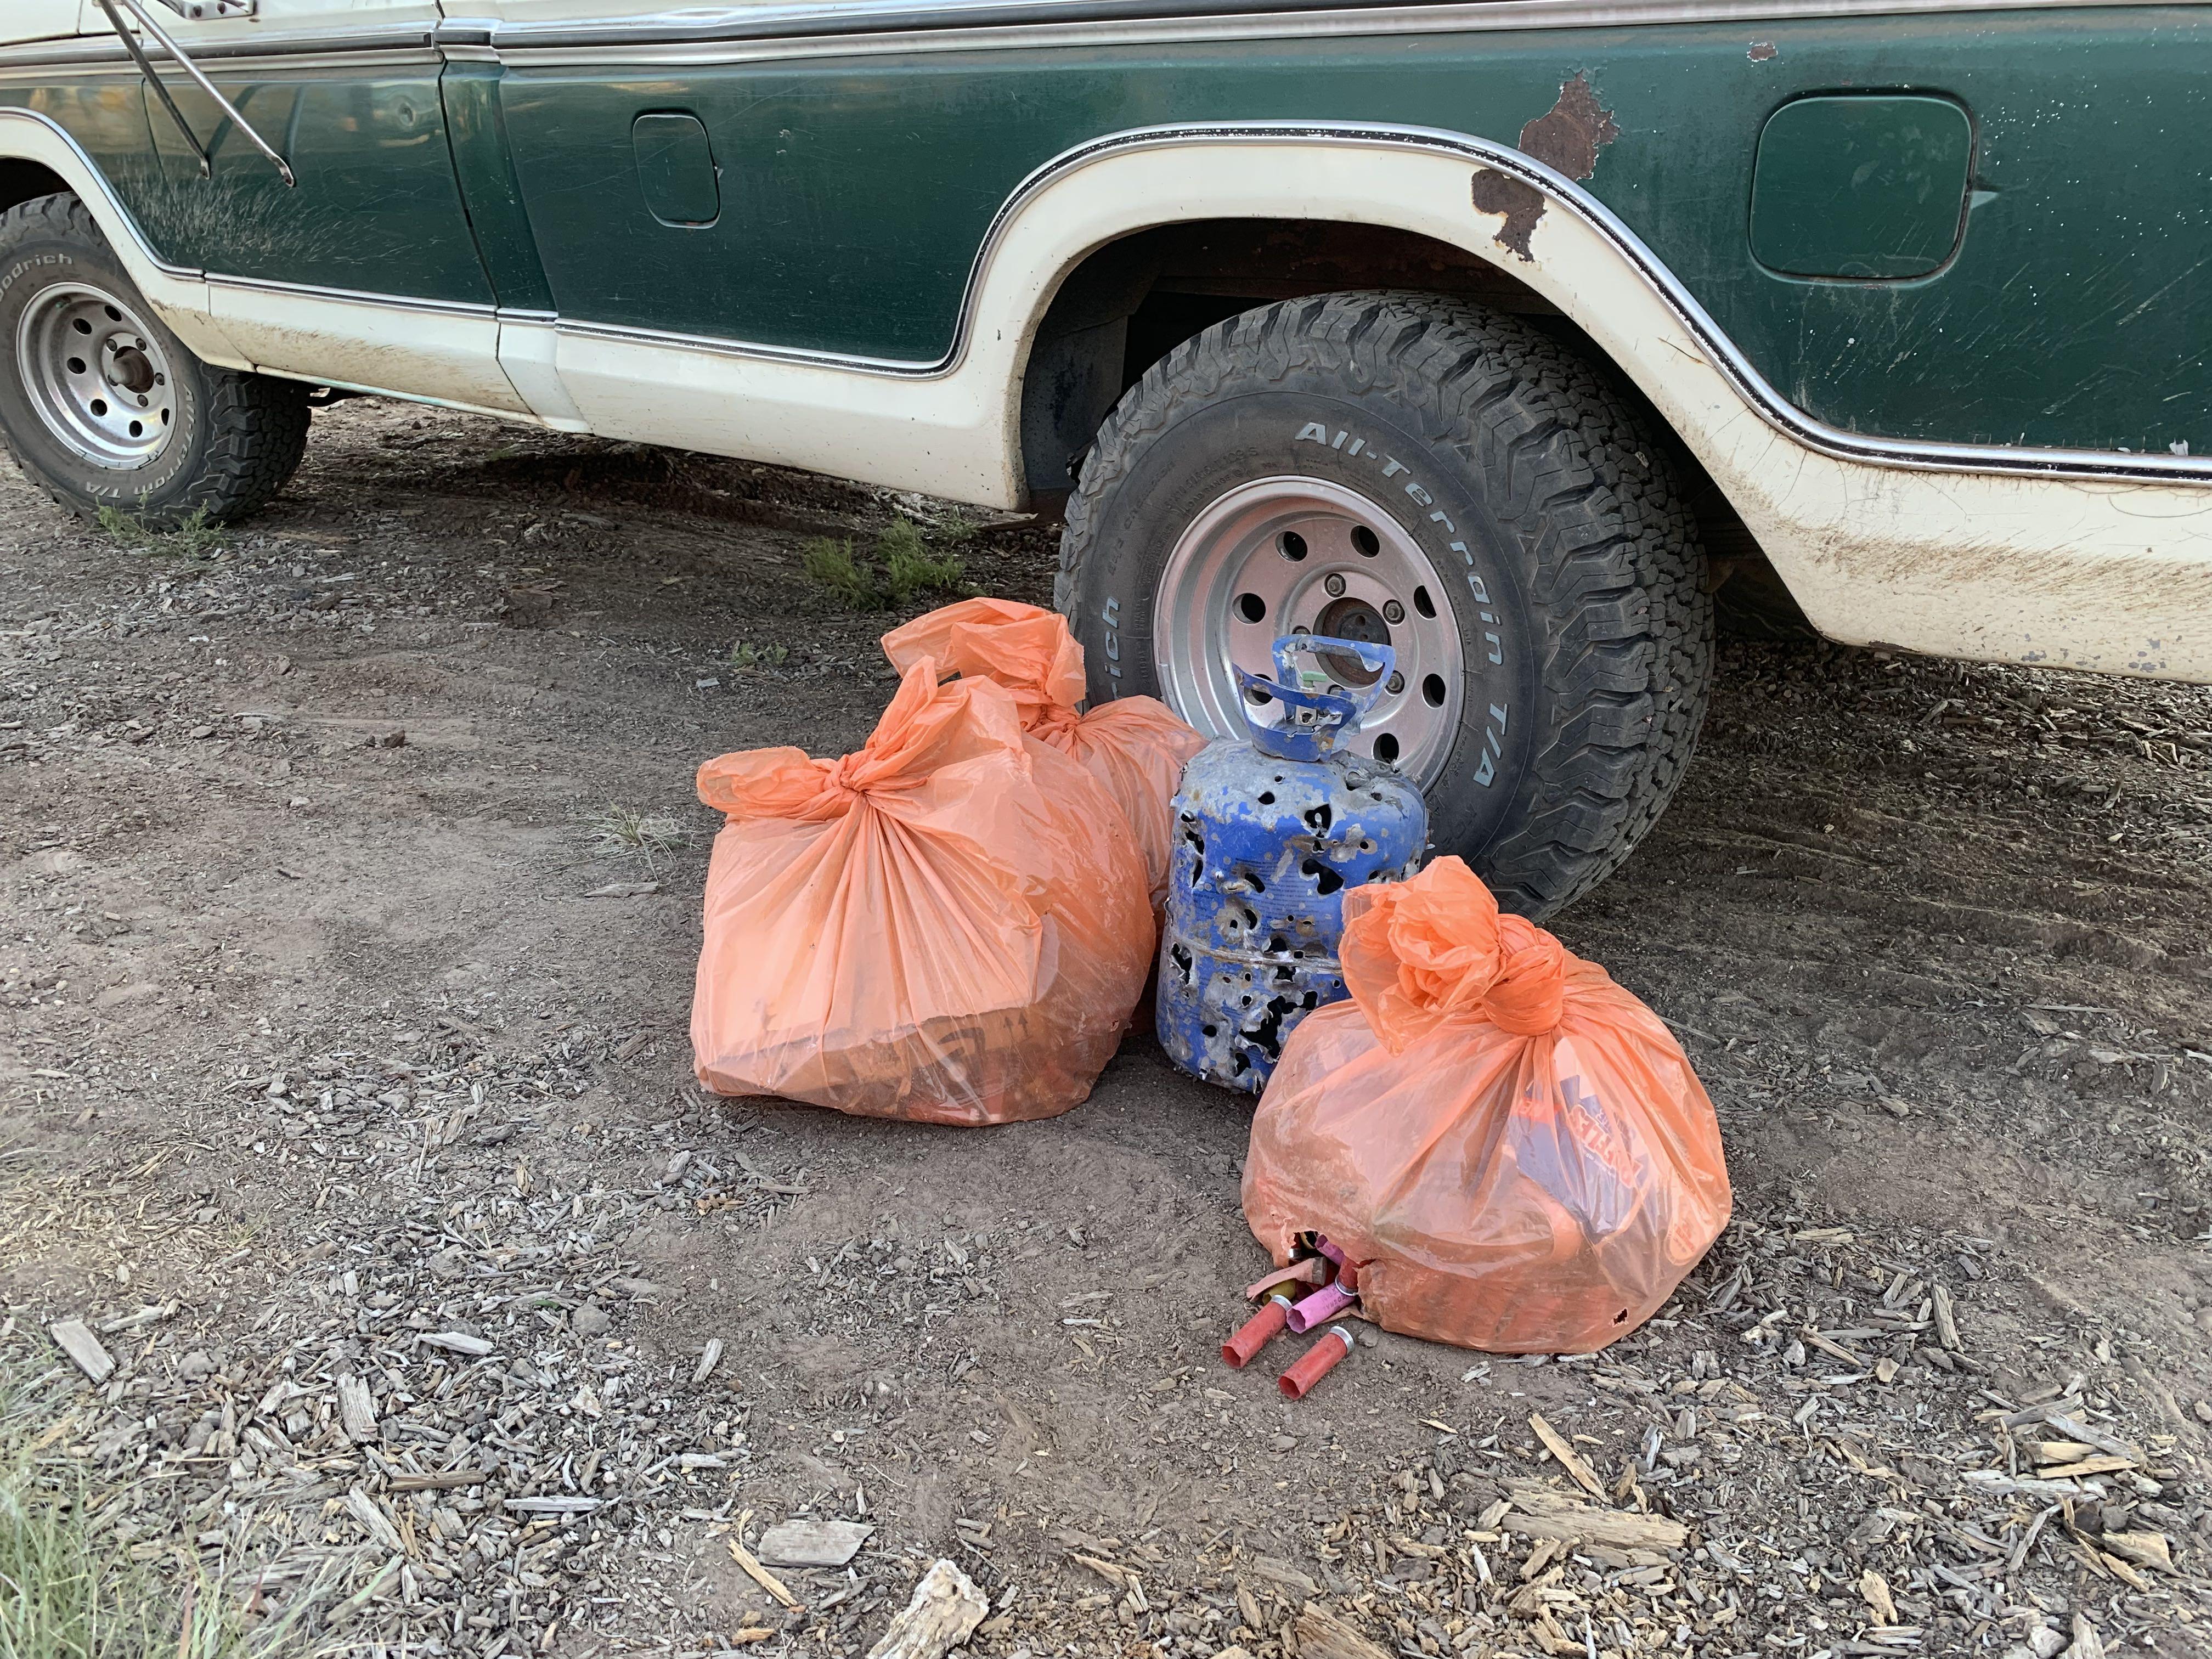 The Leatherman Gambler 500 team picking up trash.